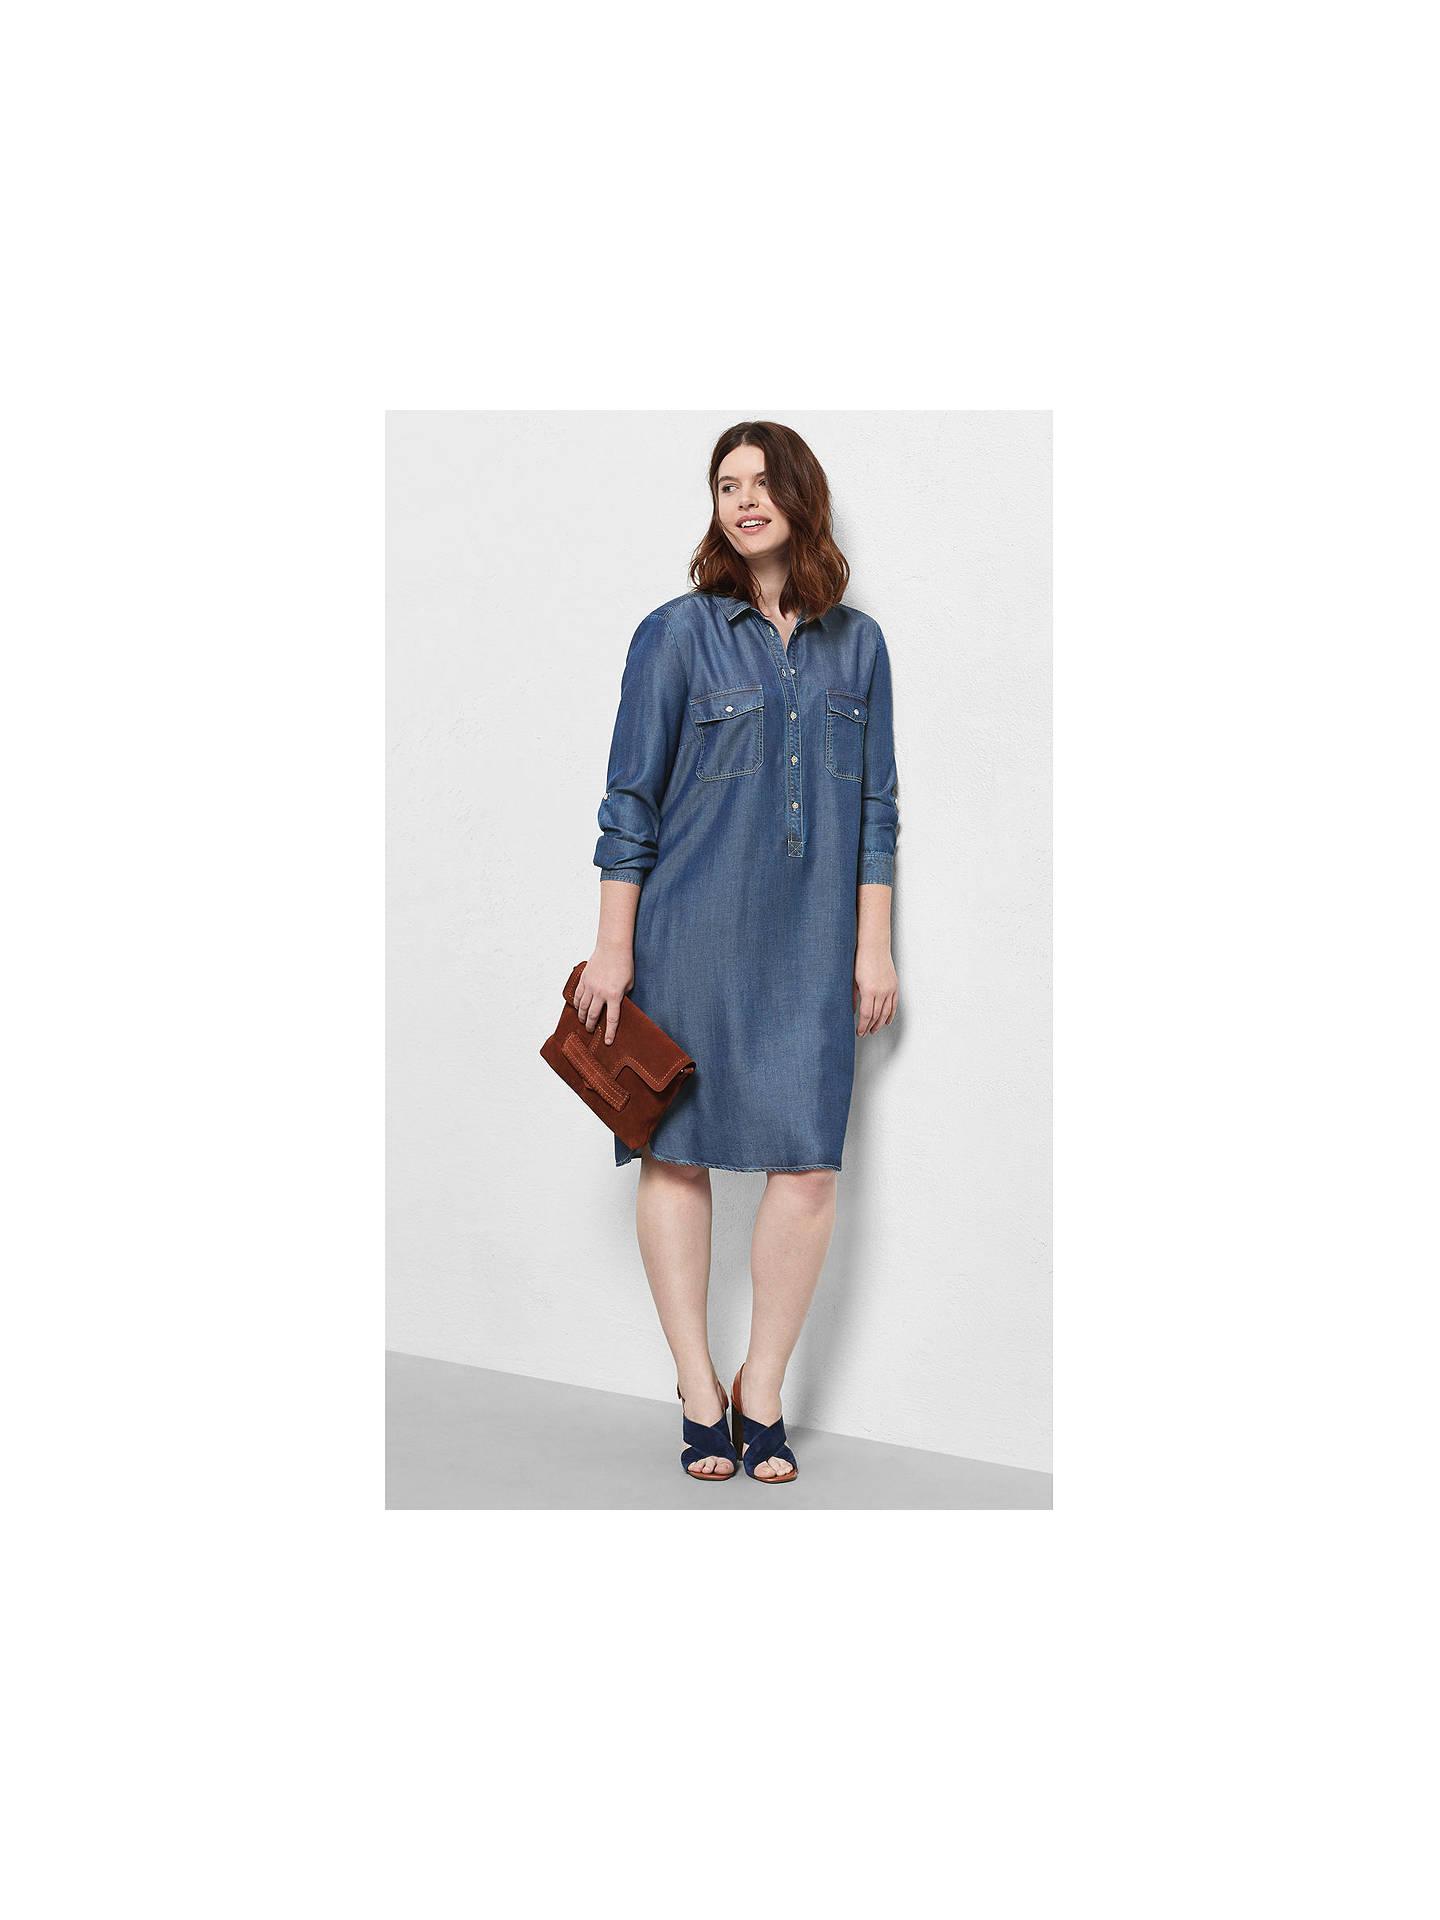 72adcdd2972 Buy Violeta by Mango Denim Shirt Dress